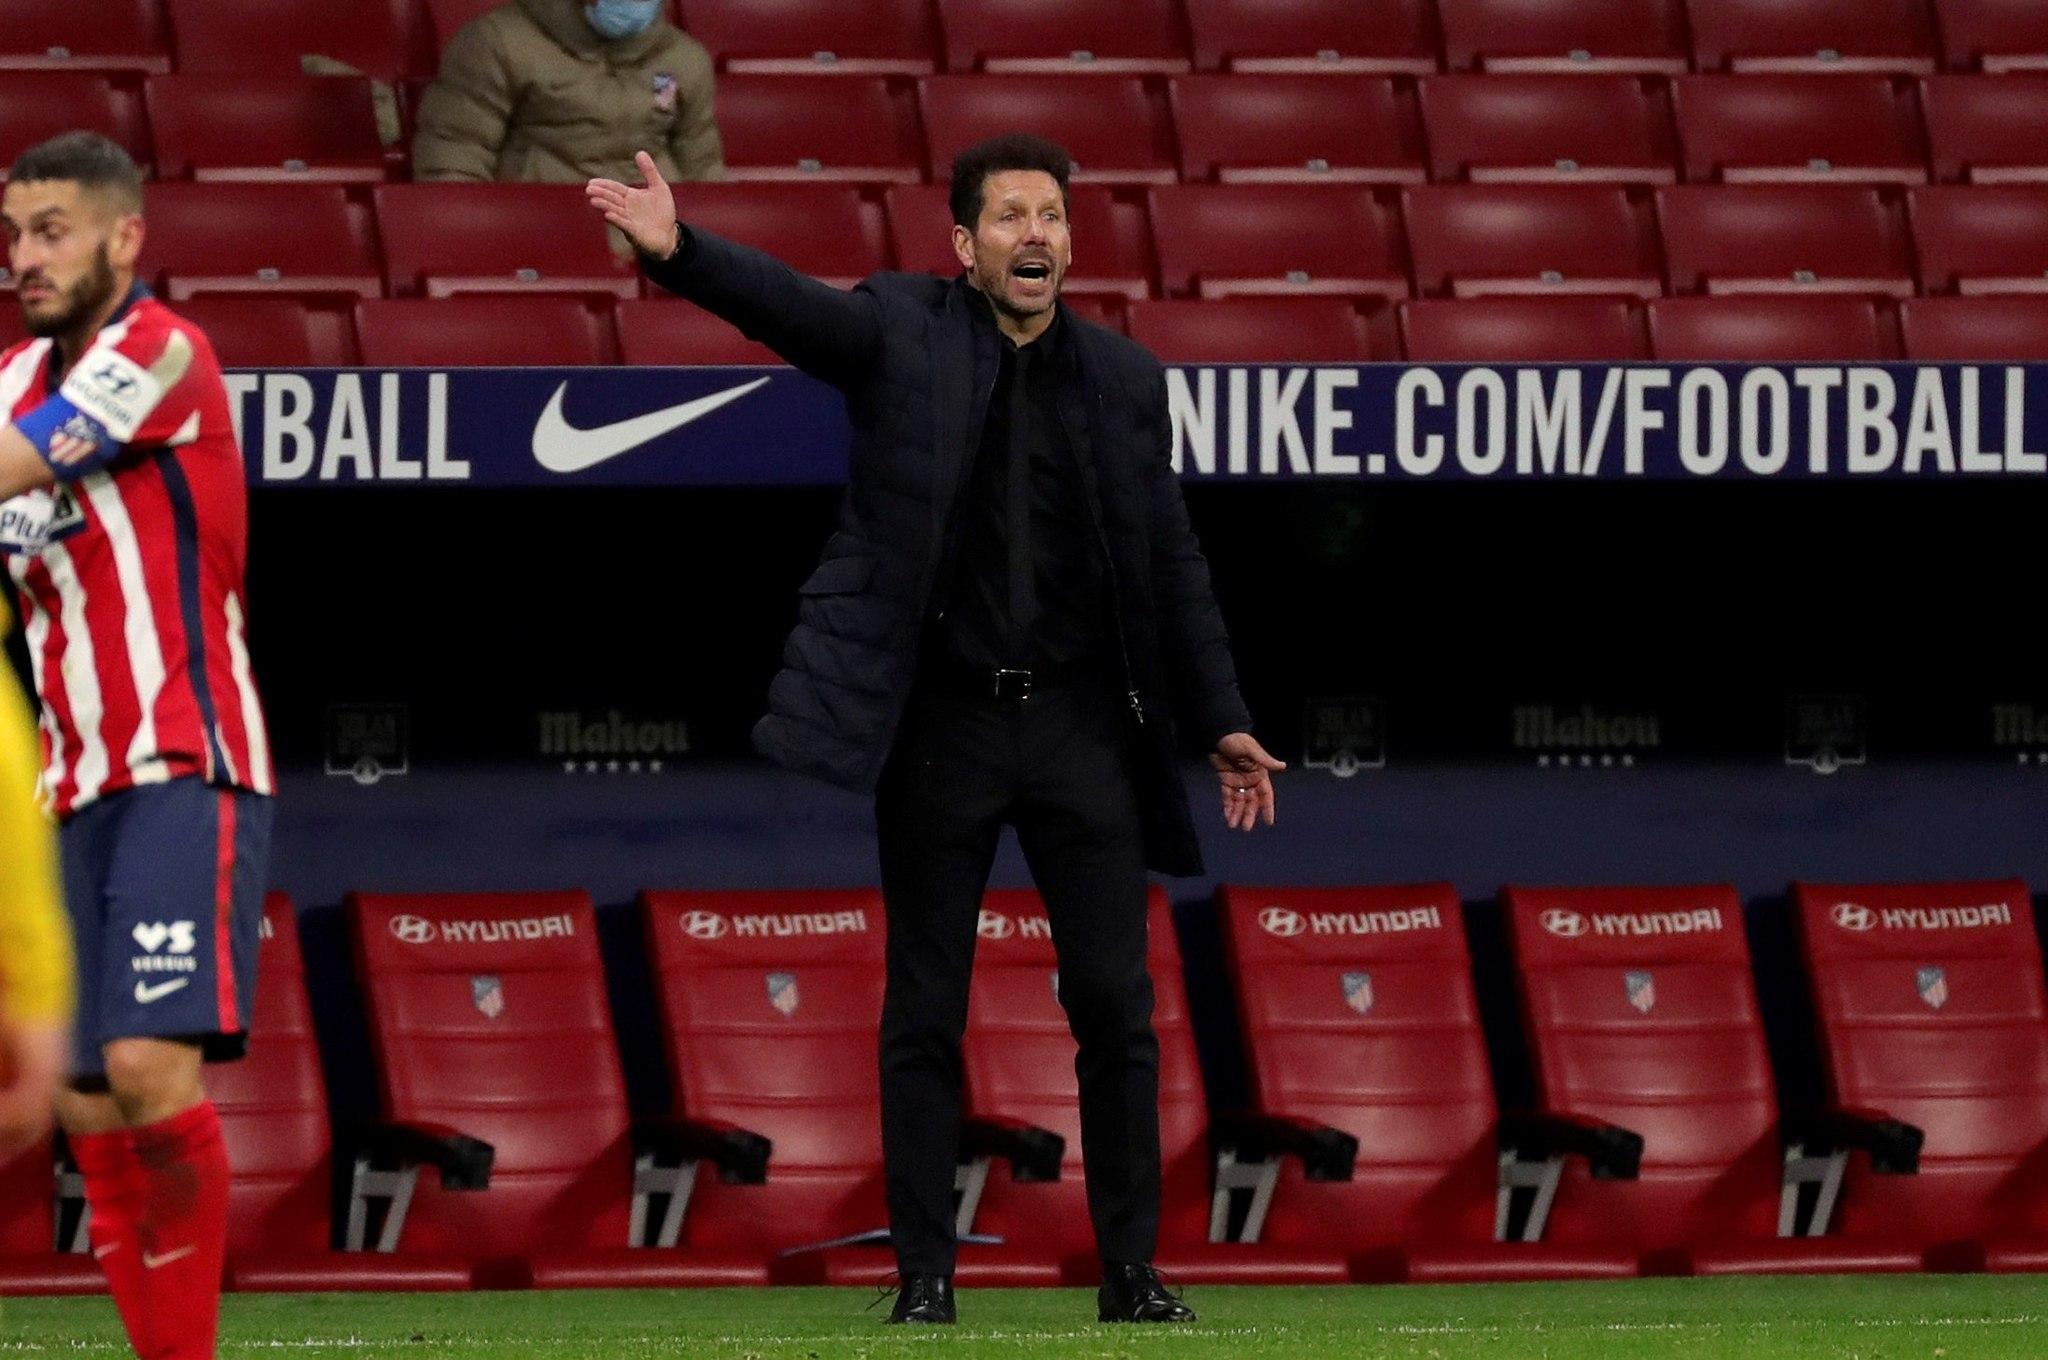 GRAF3299. lt;HIT gt;MADRID lt;/HIT gt;, 21/11/2020.- El técnico brasileño del lt;HIT gt;Atlético lt;/HIT gt; de lt;HIT gt;Madrid lt;/HIT gt;, Diego Pablo Simeone, durante el encuentro correspondiente a la décima jornada de primera división que han disputado esta noche frente al FC Barcelona en el estadio Wanda Metropolitano, en lt;HIT gt;Madrid lt;/HIT gt;. EFE / Juanjo Martín